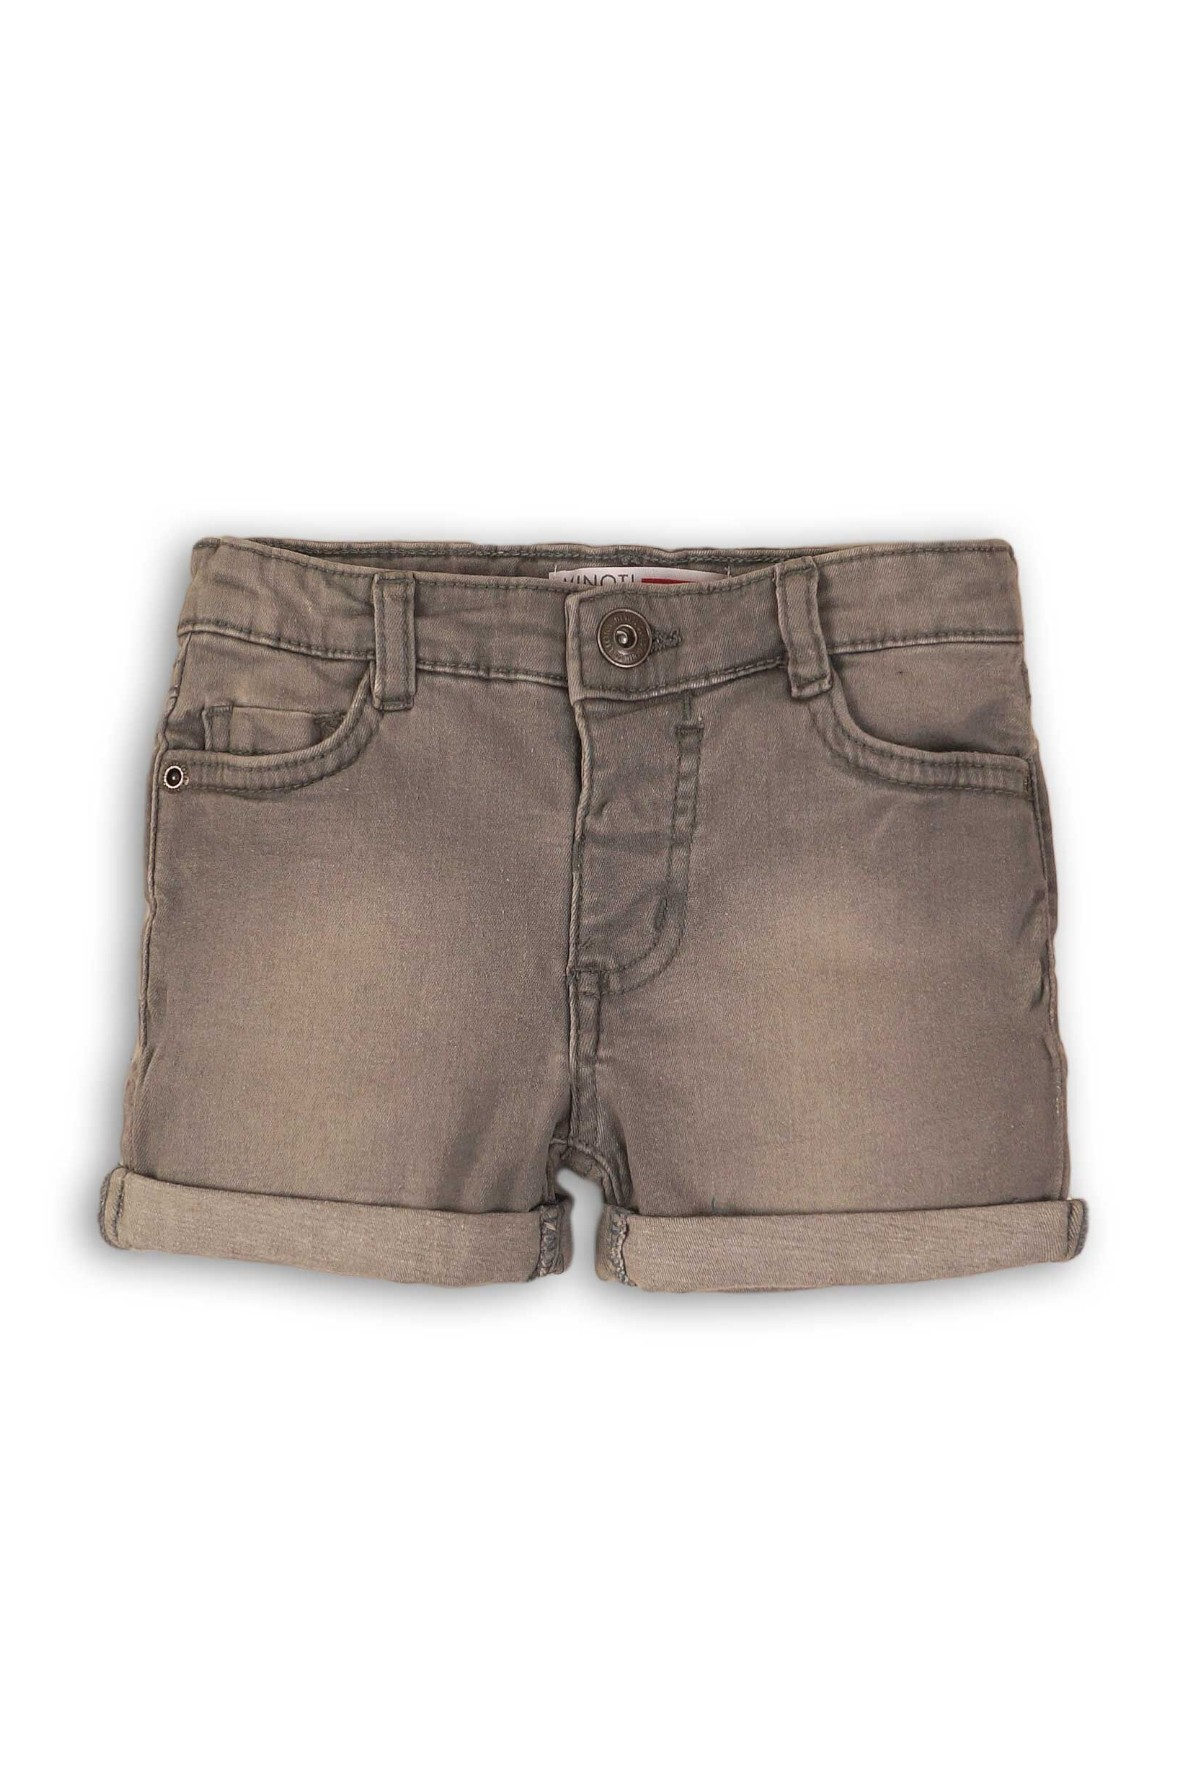 Spodenki dziewczęce szare jeansowe